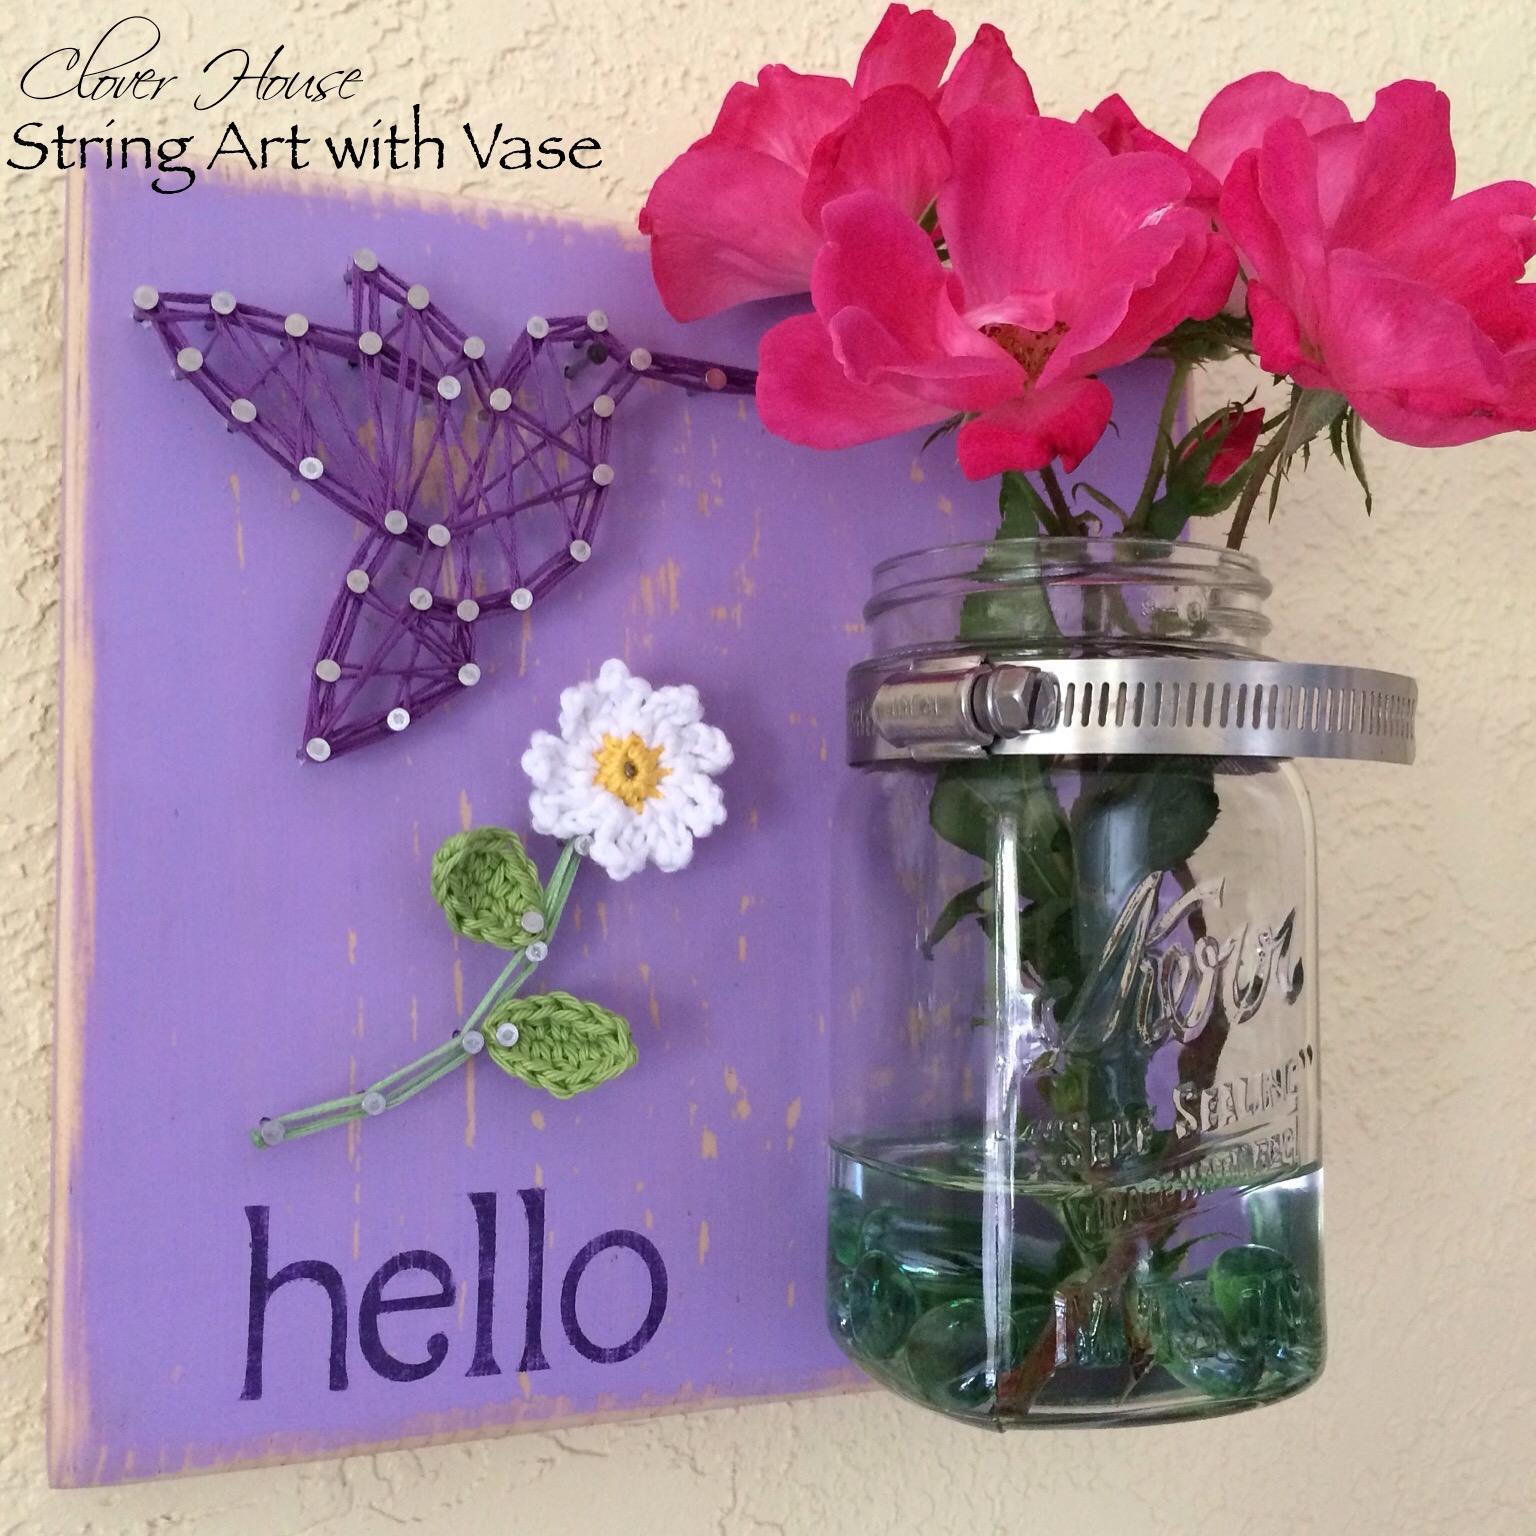 Clover house string art with a mason jar vase string art with a mason jar vase reviewsmspy